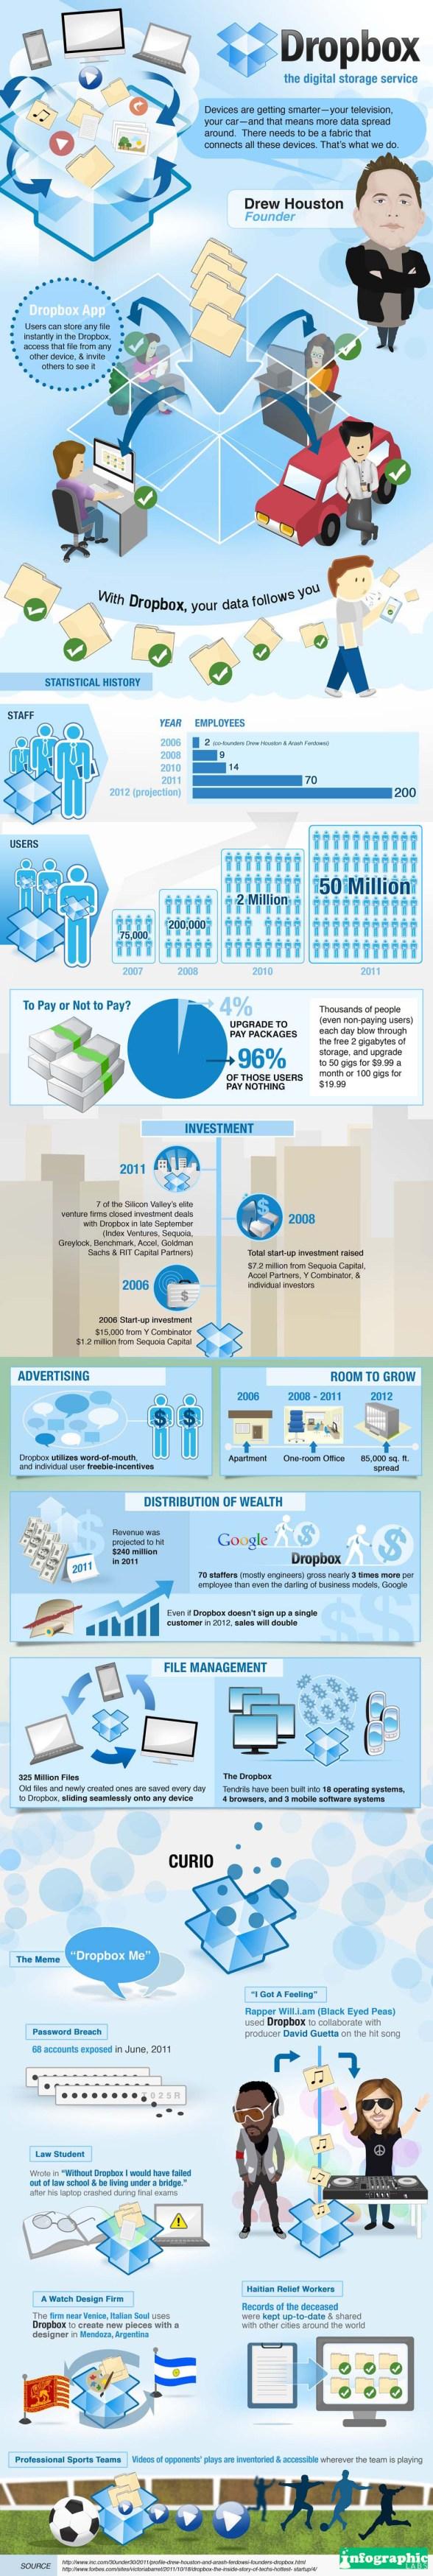 El crecimiento de Dropbox ilustrado [Infografía] - Dropbox-IG_Main-Design_IGL